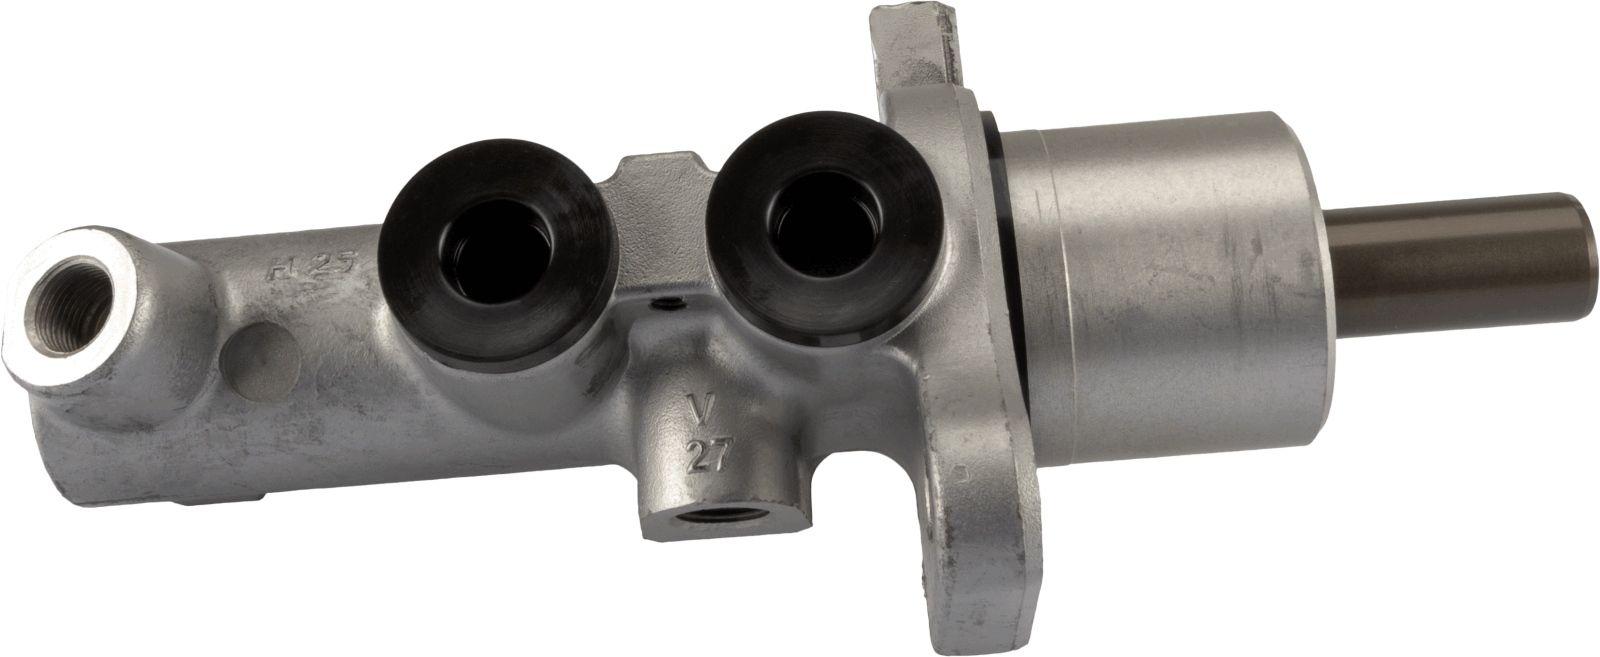 Hovedbremsesylinder PMN200 til MERCEDES-BENZ lave priser - Handle nå!